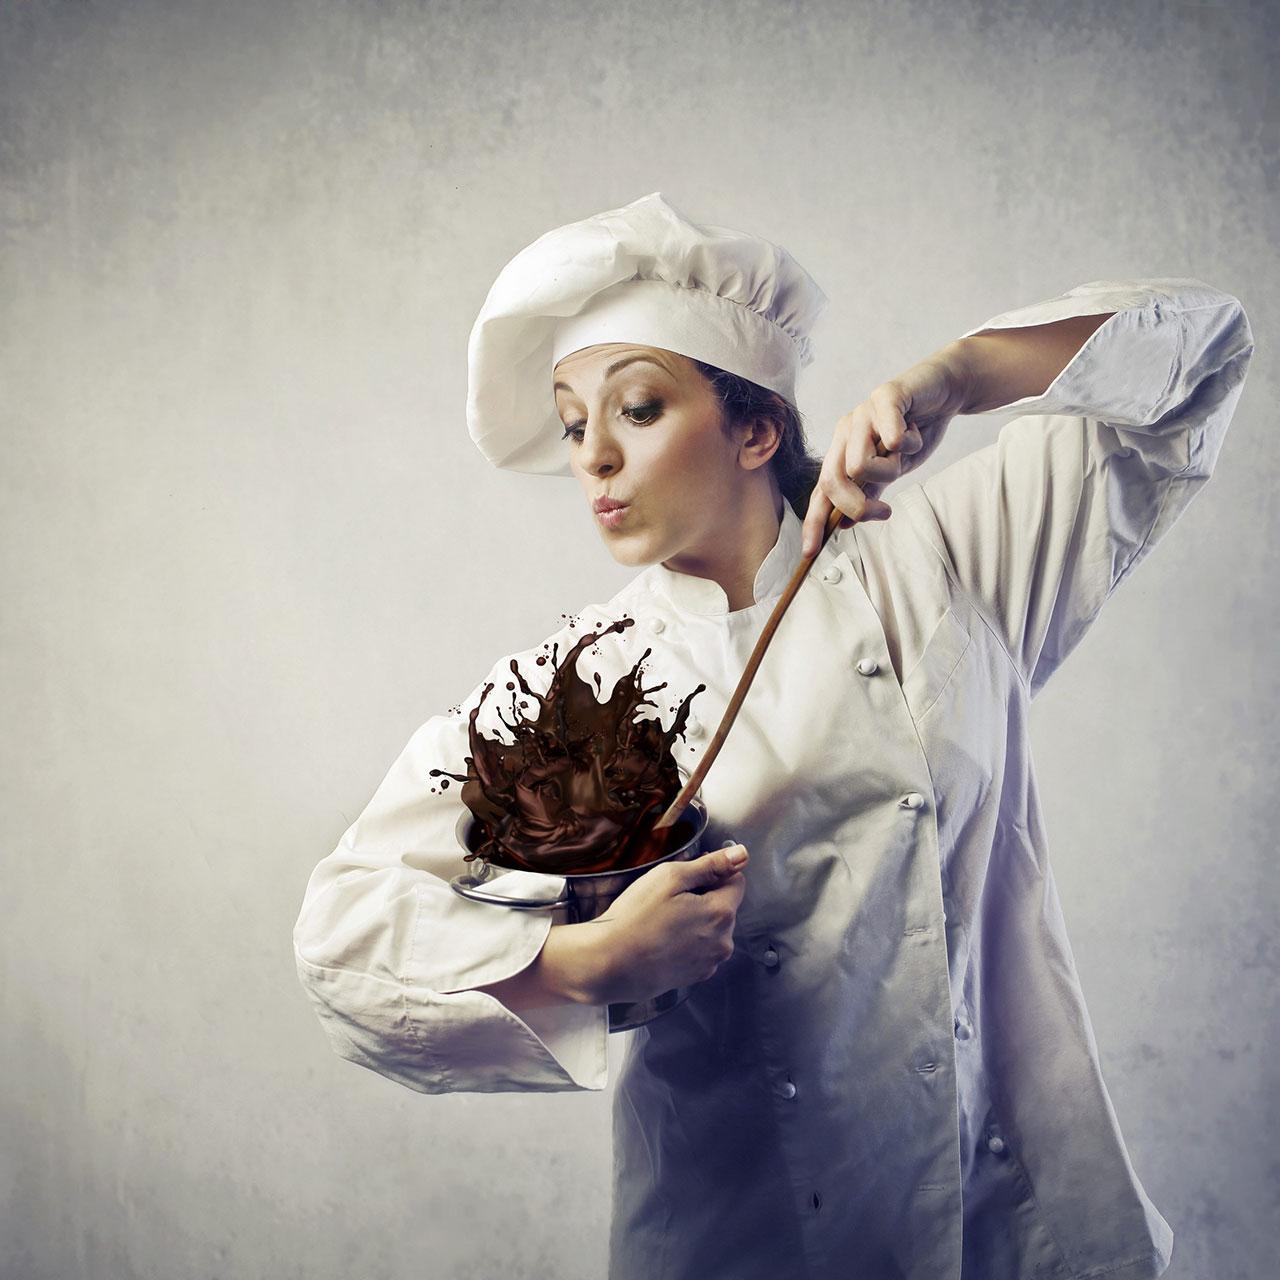 Зачем кондитеры темперируют шоколад